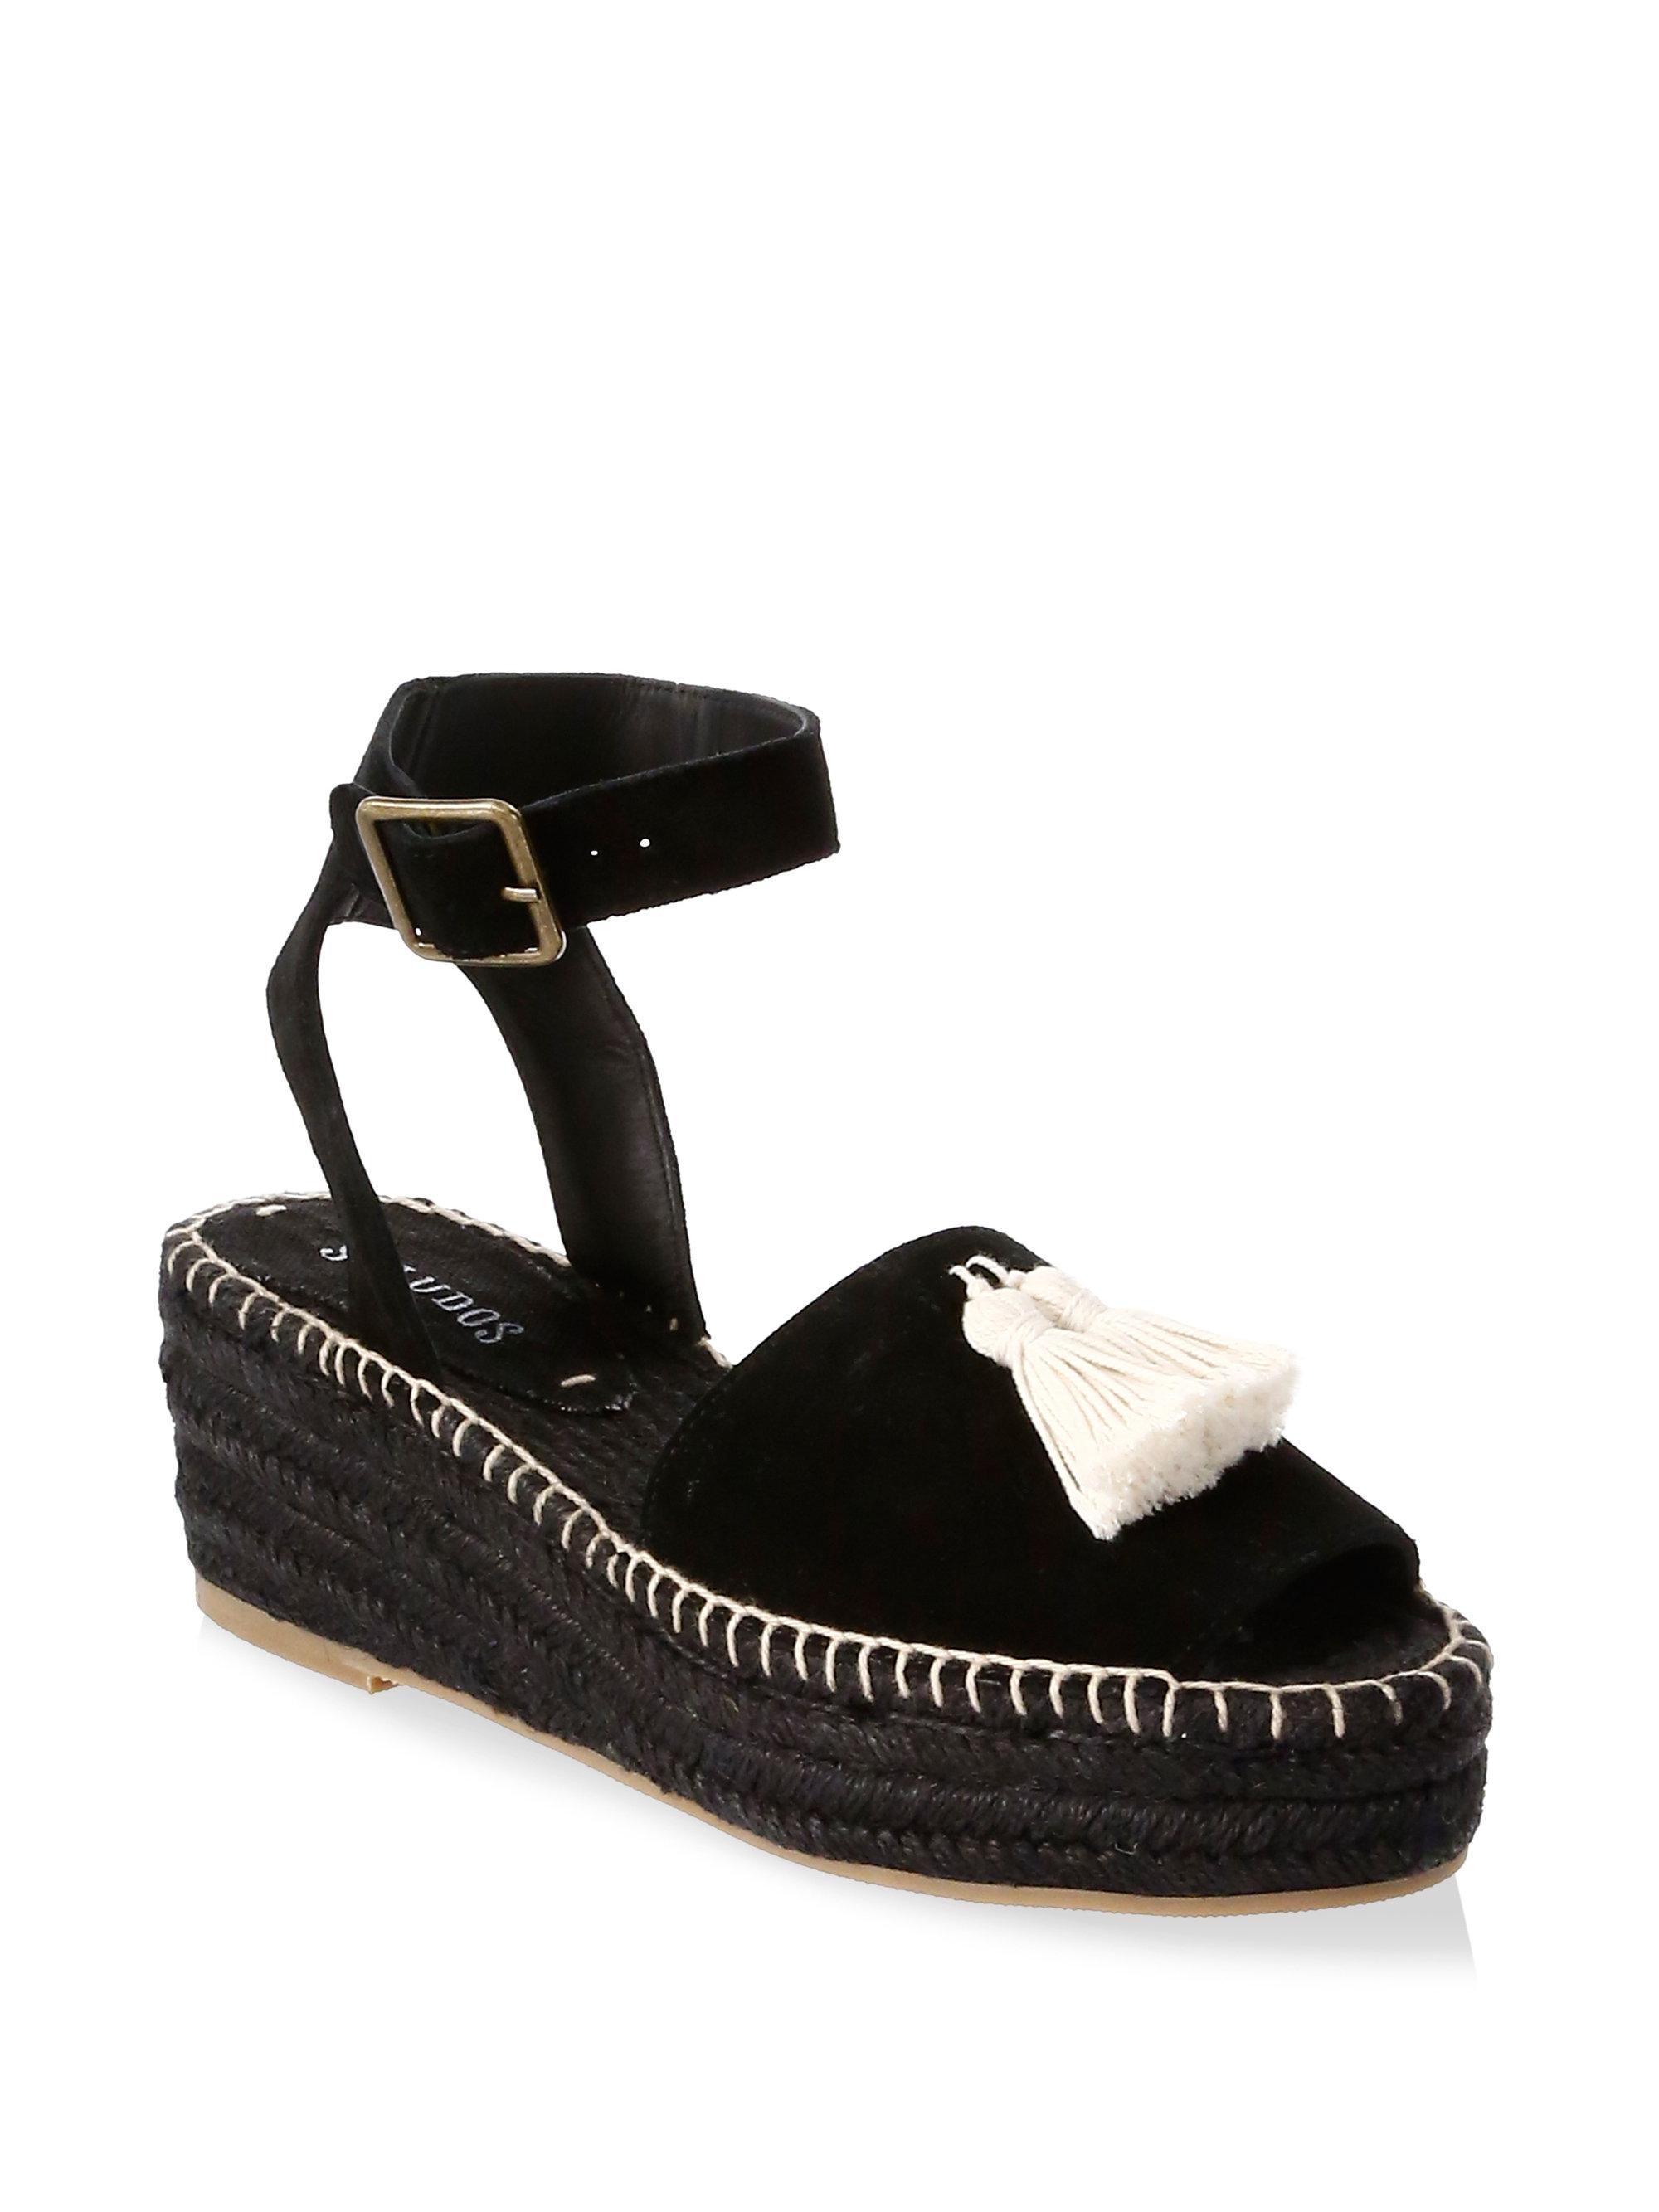 Soludos Tasseled Suede Platform Sandals nLqki0jk